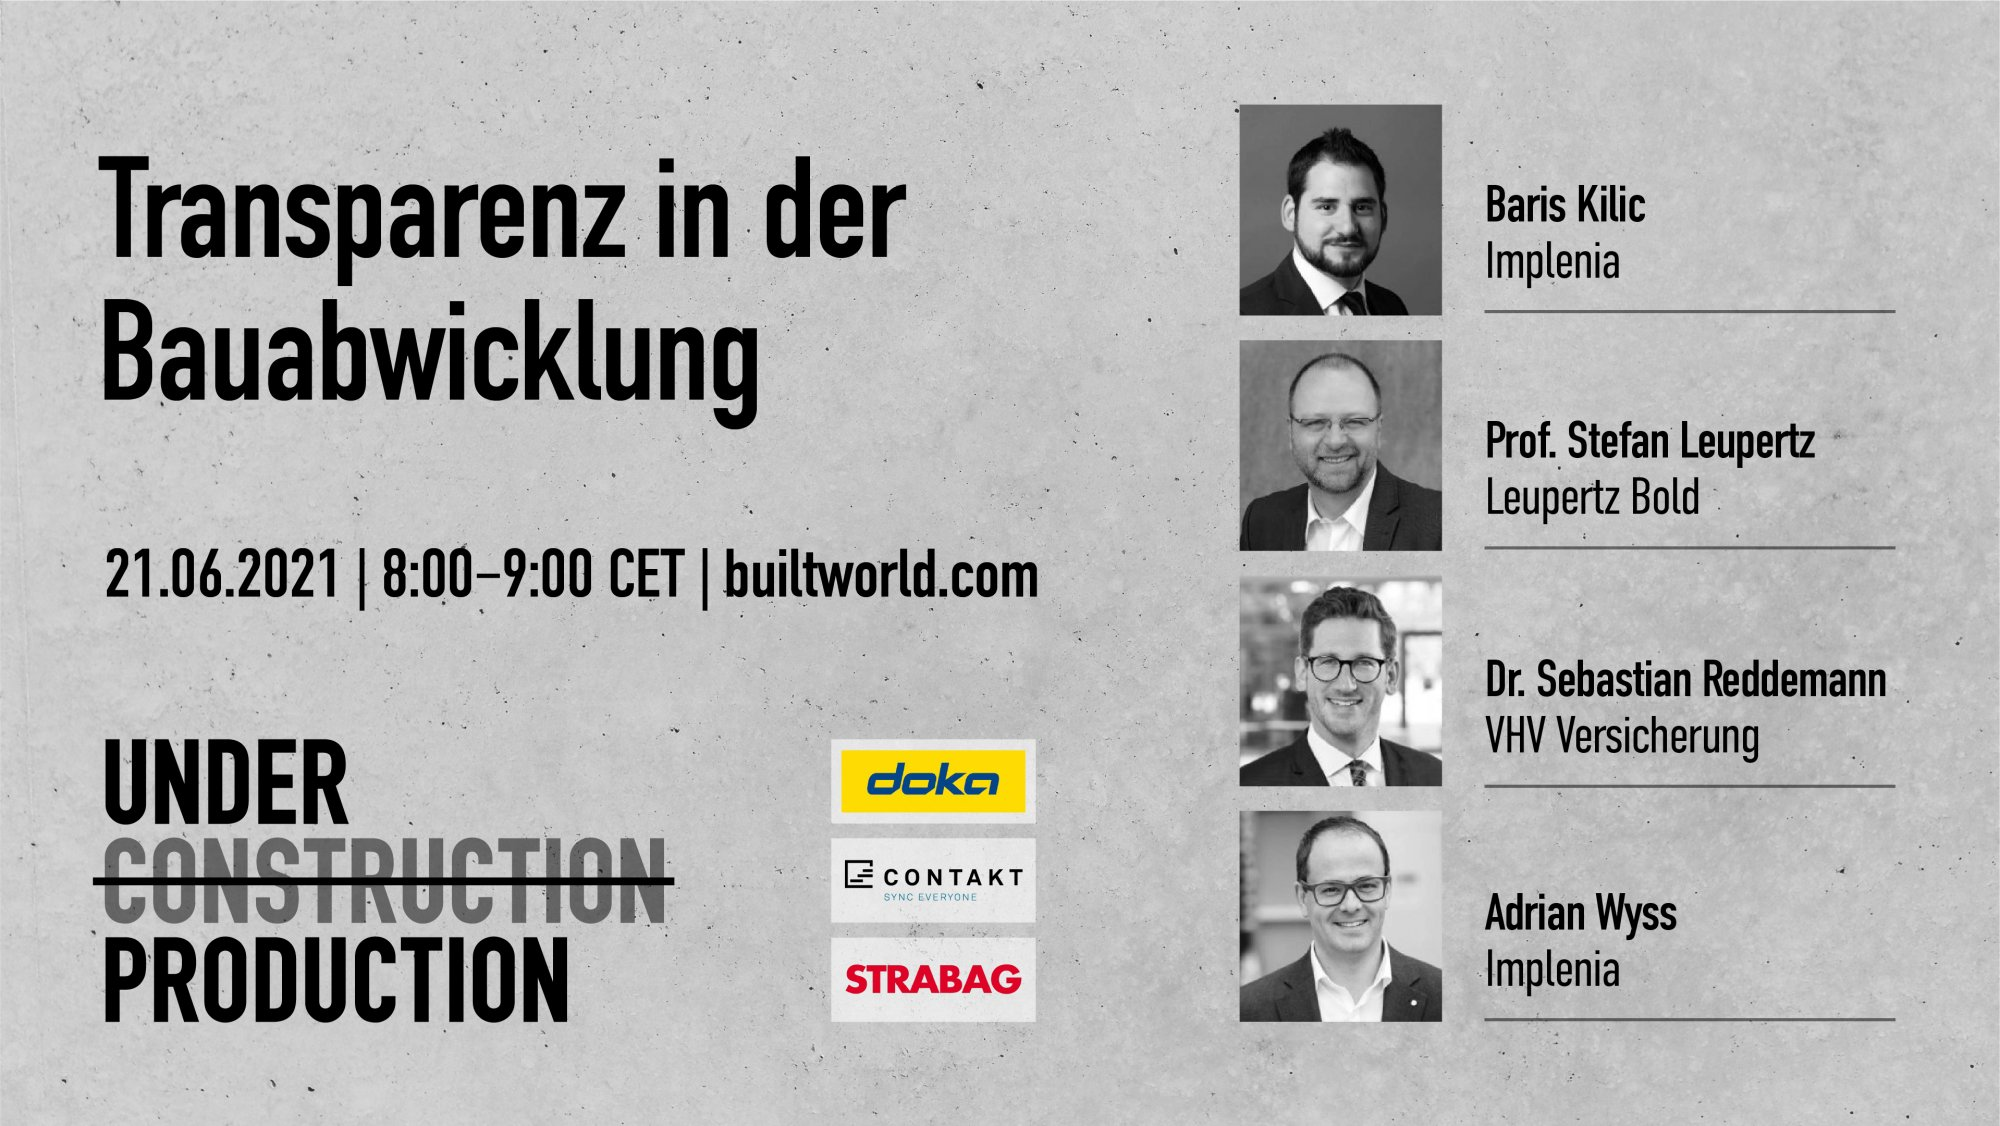 under-construction-transparenz-in-der-bauabwicklung